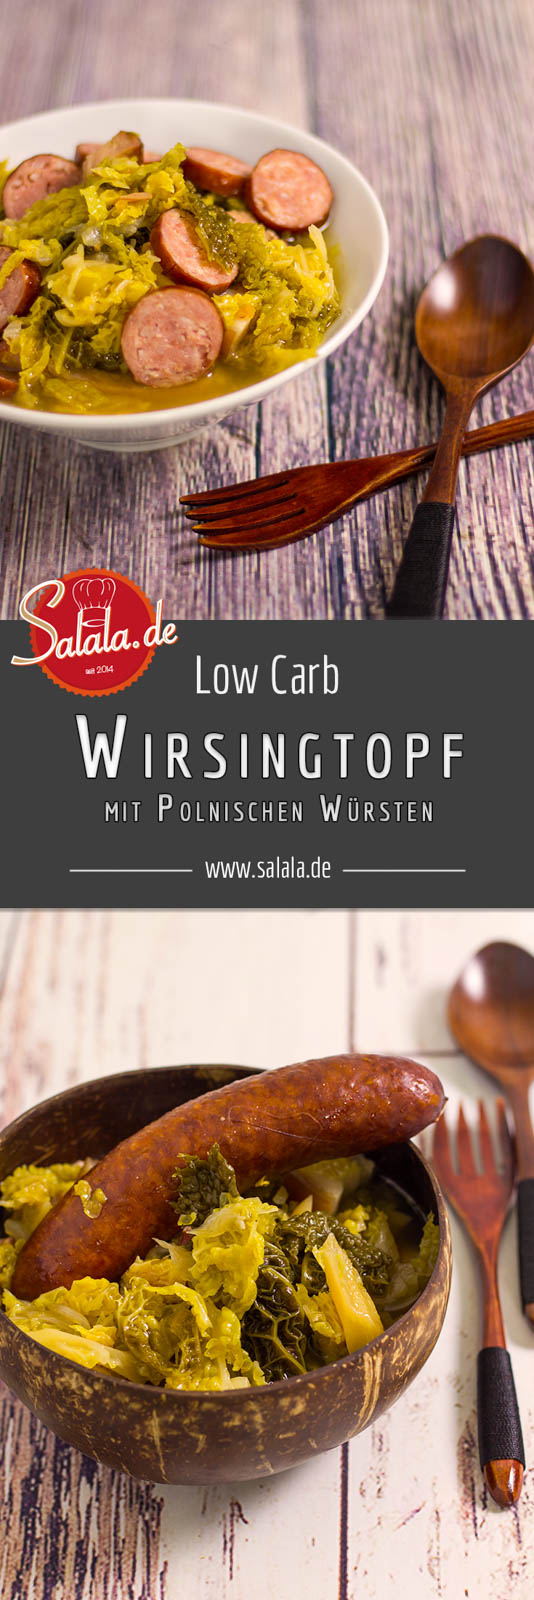 Wirsingeintopf mit geräucherten Würsten - by salala.de - Wintergemüse Wirsing Kohl Eintopf Speck Würste Zwiebeln Soulfood ohne Mehl ohne Kartoffeln selber machen